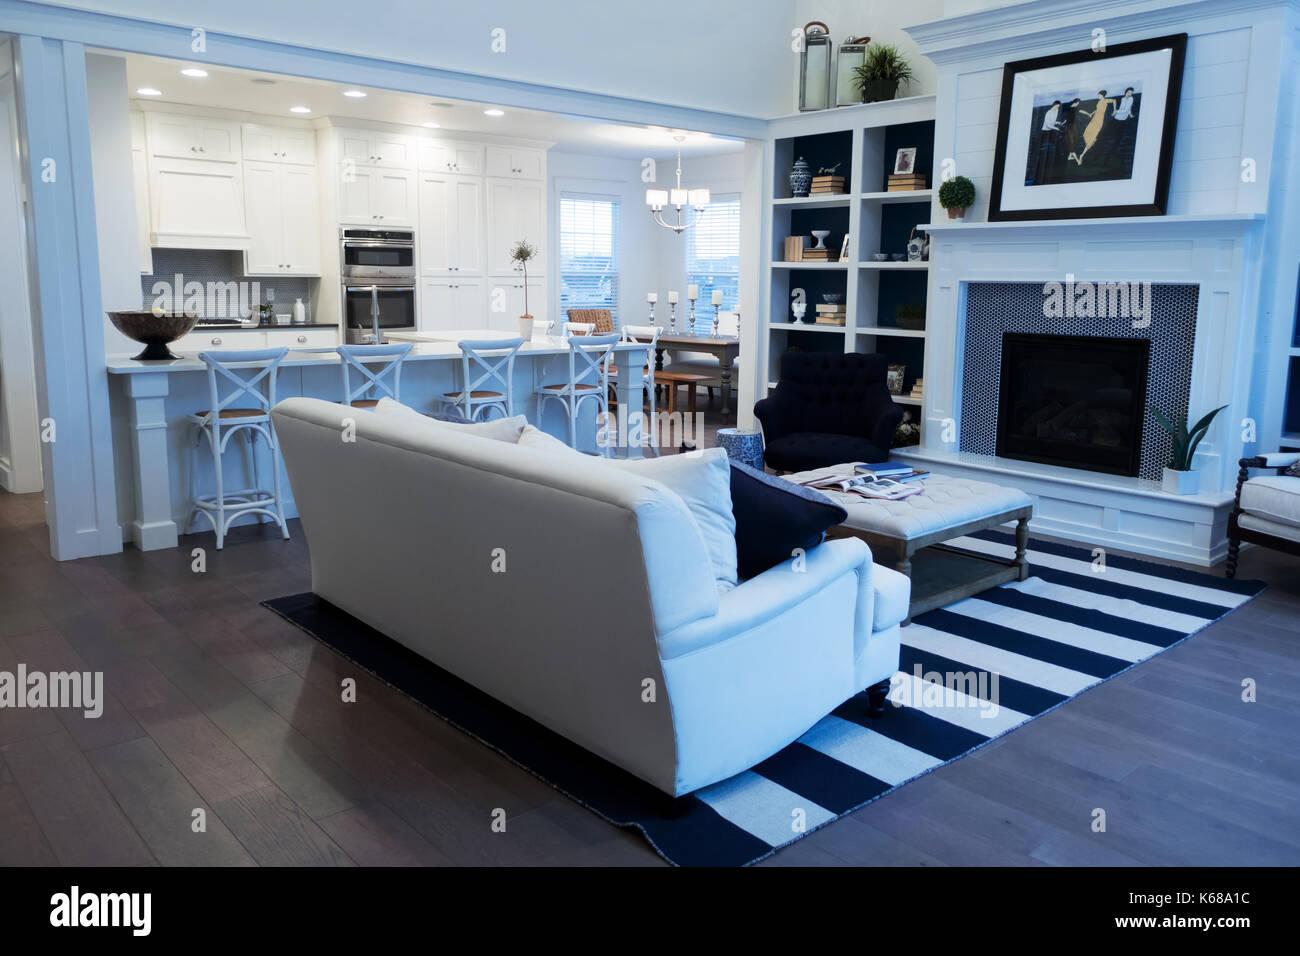 Good Ein Offenes Wohnzimmer Mit Offener Küche, Eingebaute Bücherregale, Kamin  Und Weißen Couch Suchen.